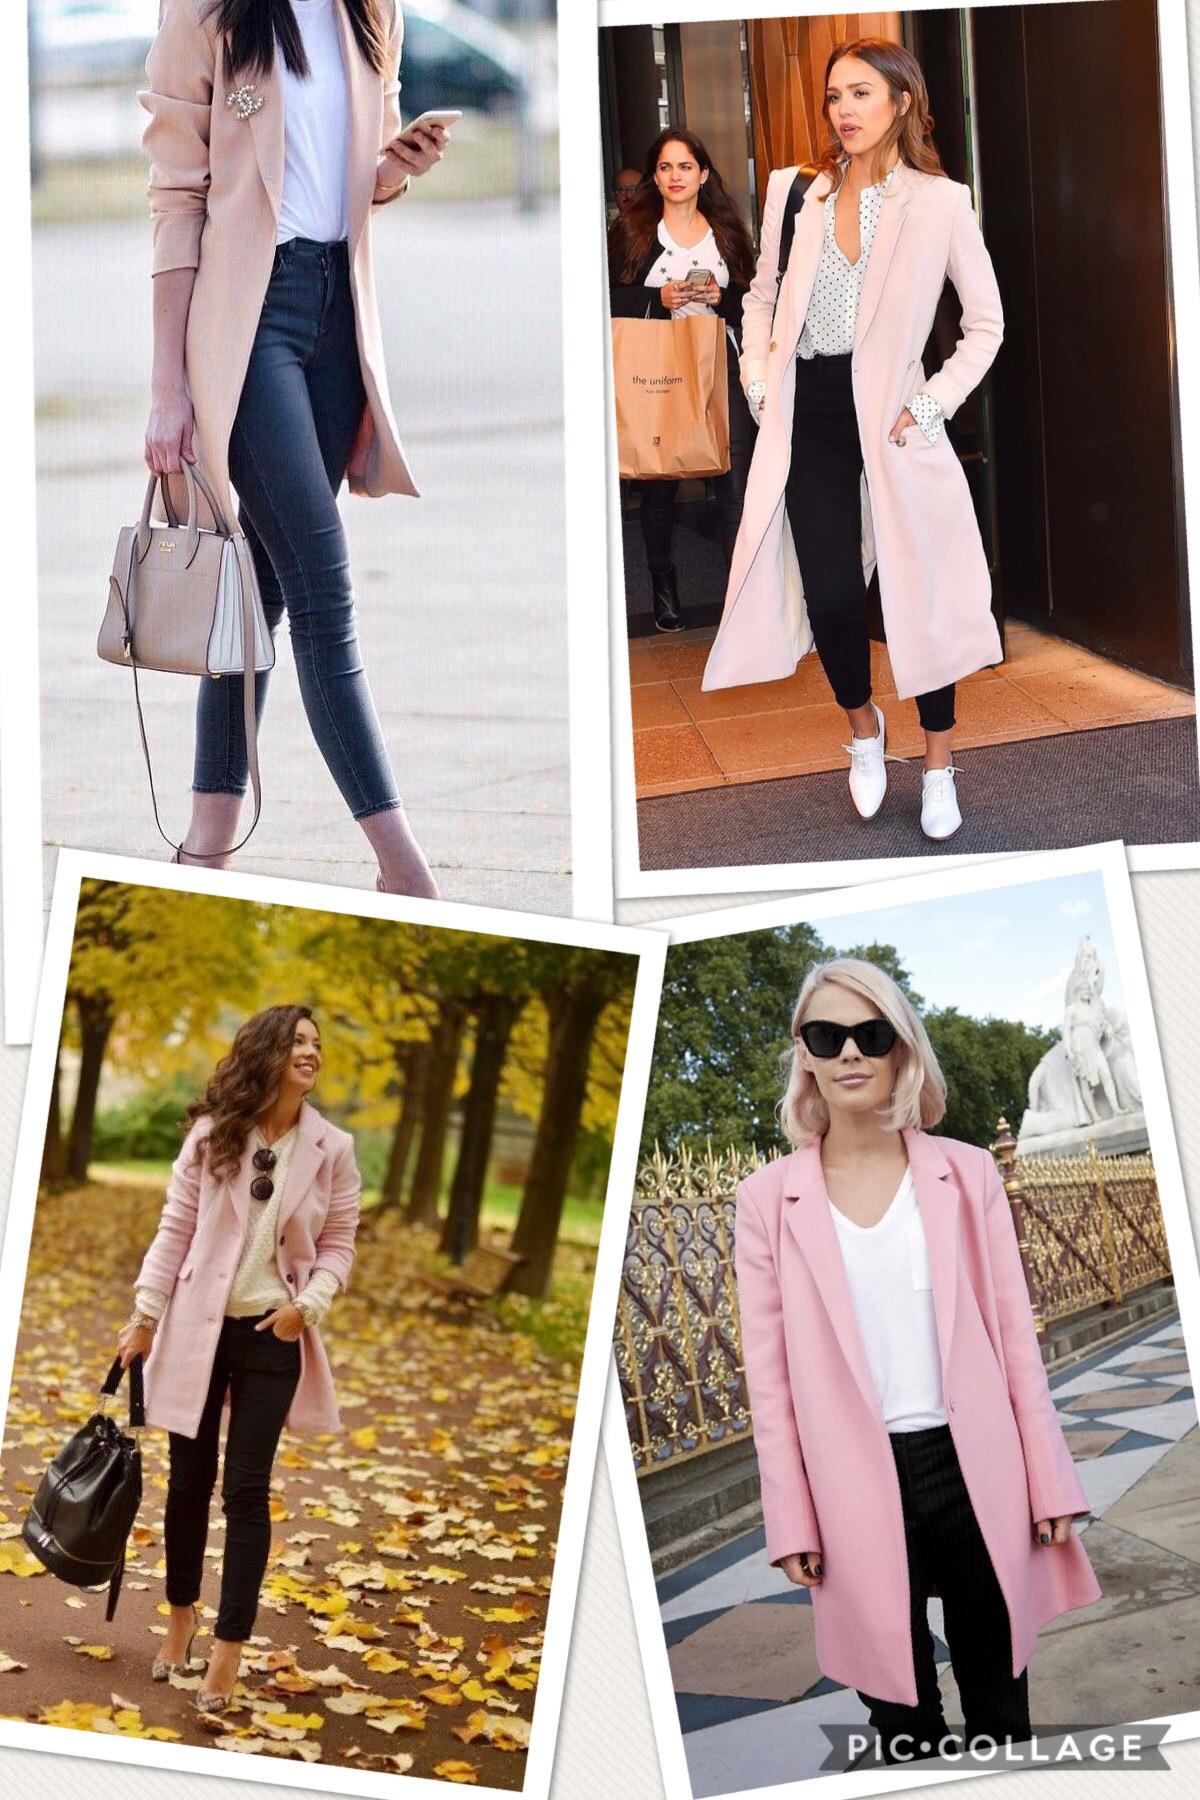 f560c8166d 20 looks de inspiración con abrigo Rosa